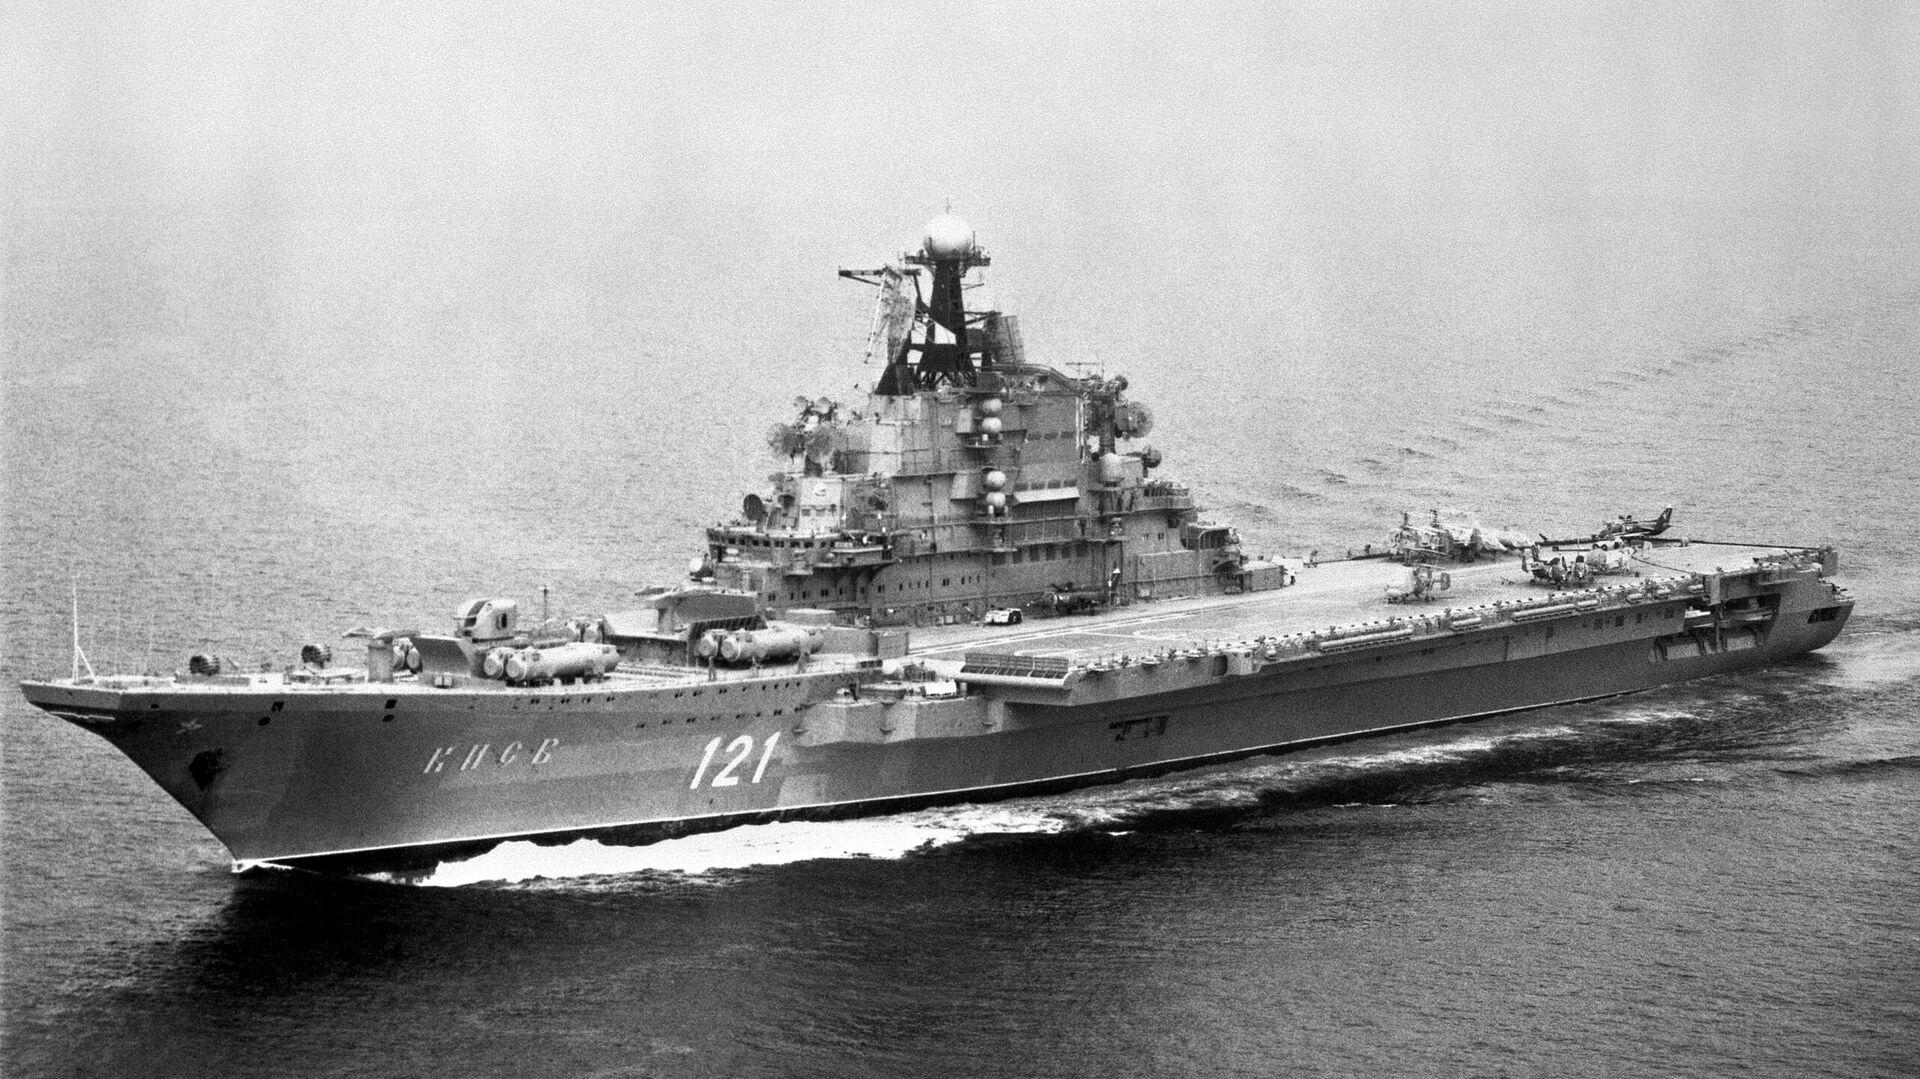 El portaaviones Kiev de la Armada de la URSS en 1985 - Sputnik Mundo, 1920, 23.04.2021